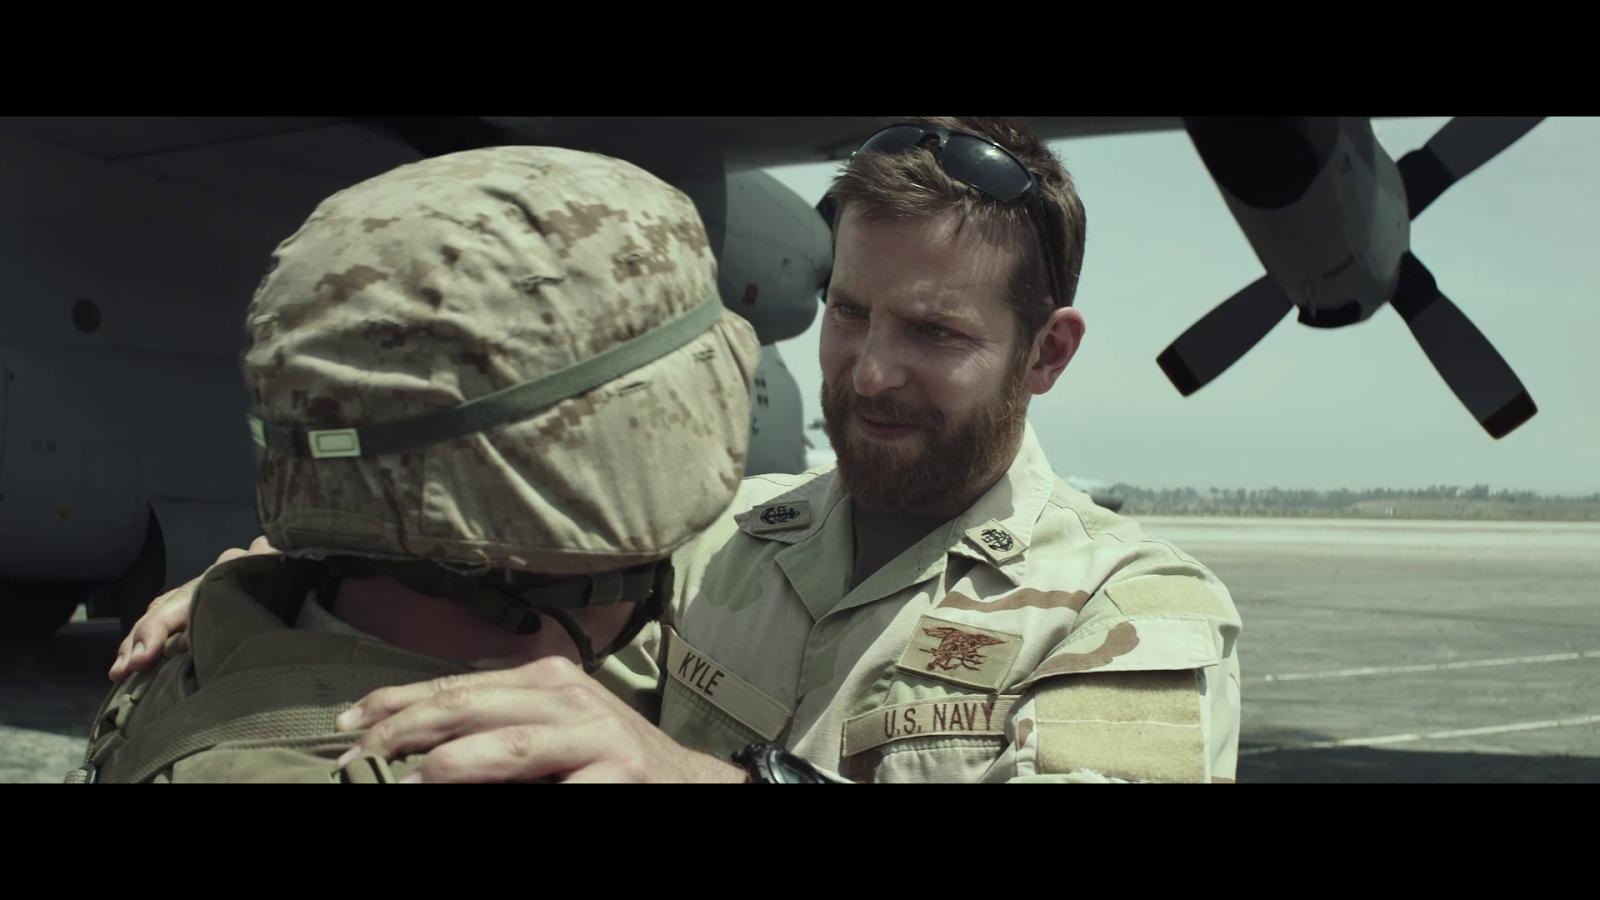 American Sniper (2014) 1080p BD25 3